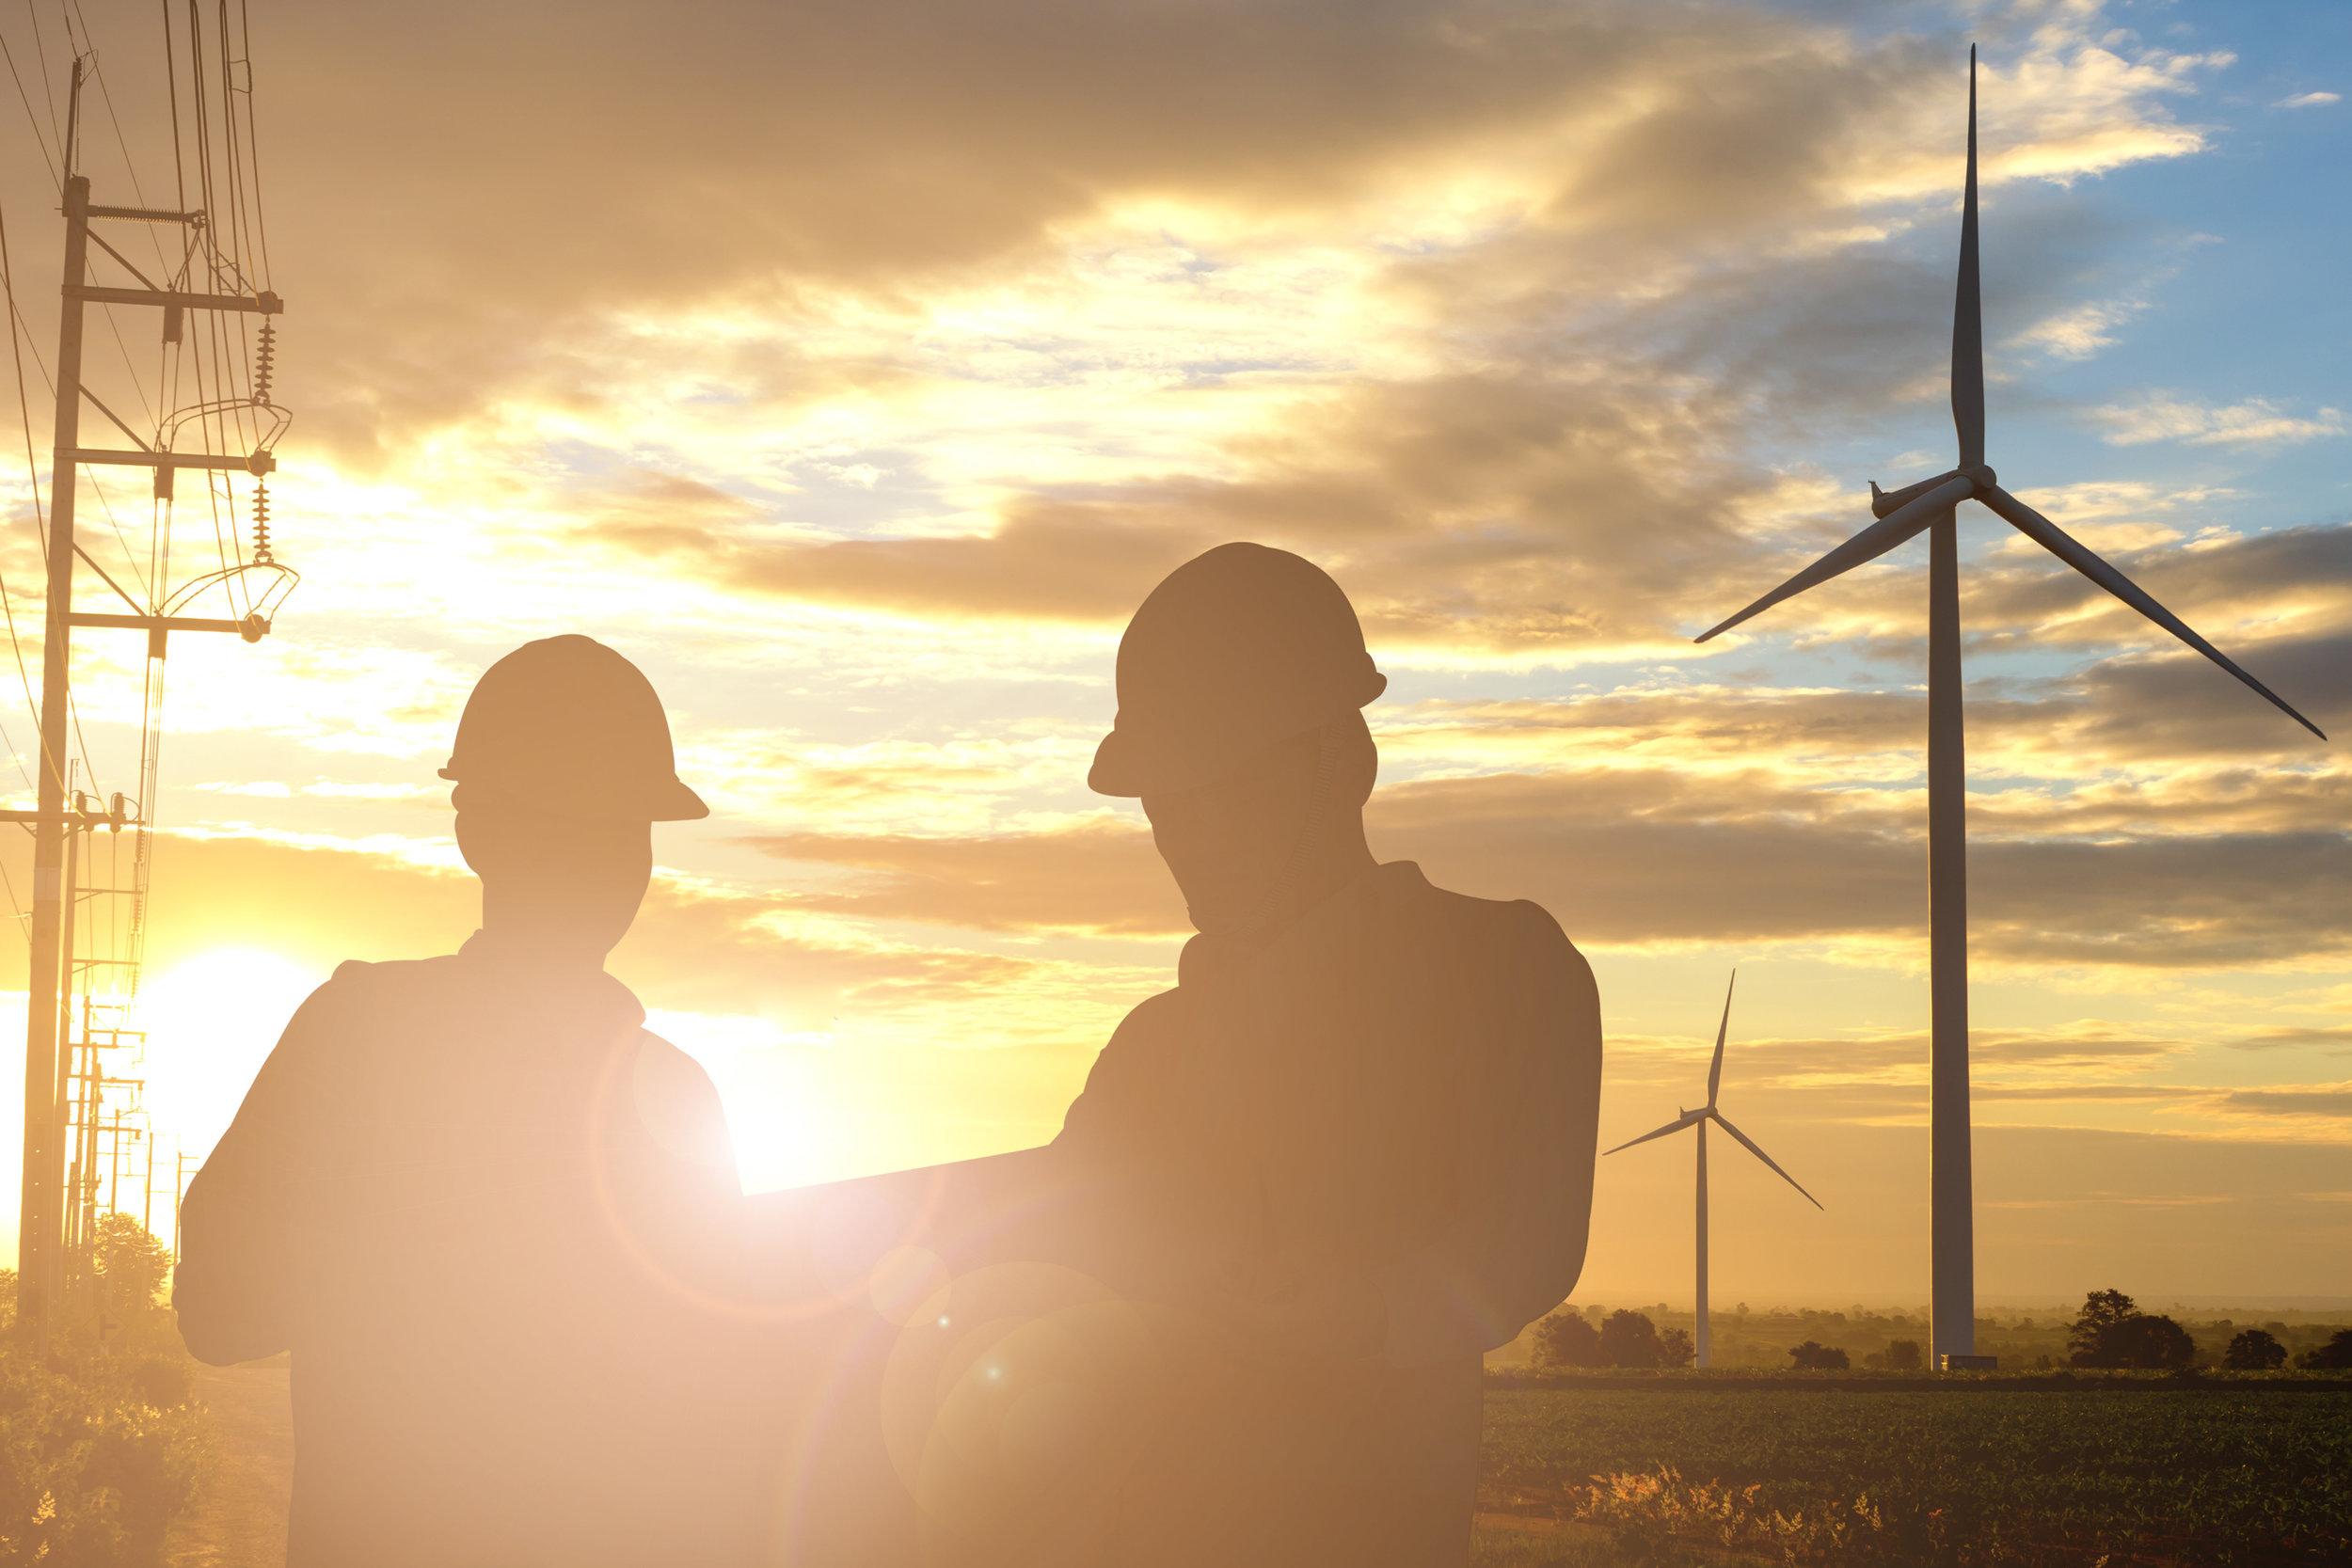 Engineers Wind Turbine - Verton